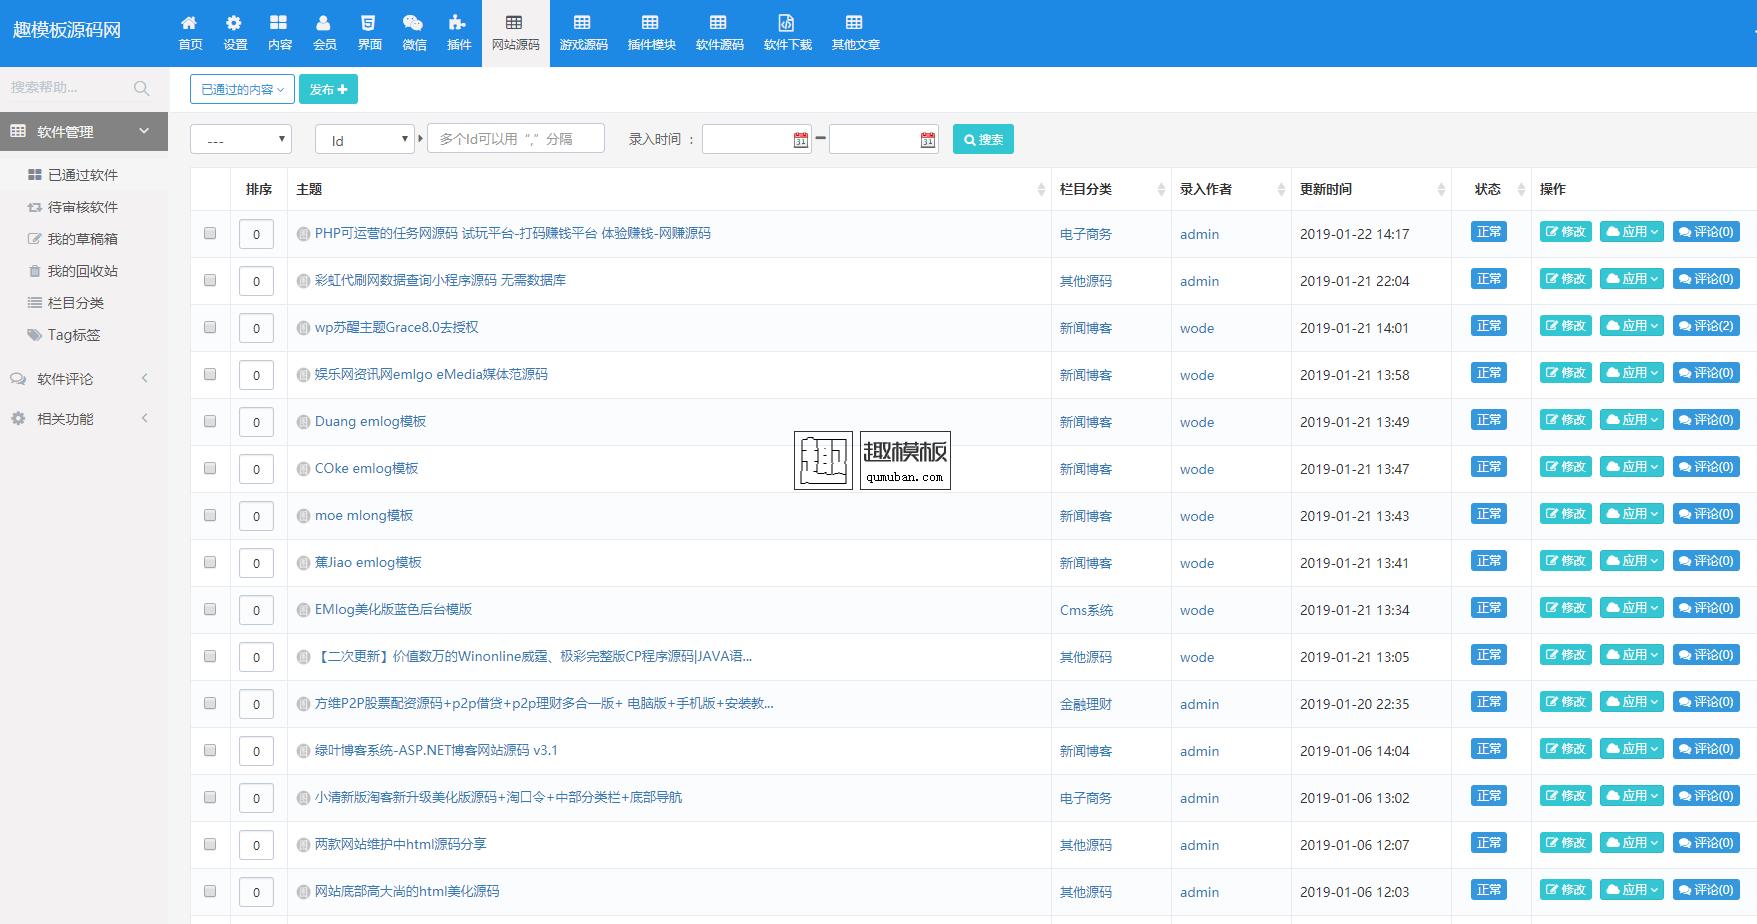 仿码农网整站源码 码农网资源下载站模板素材下载源码 全站打包